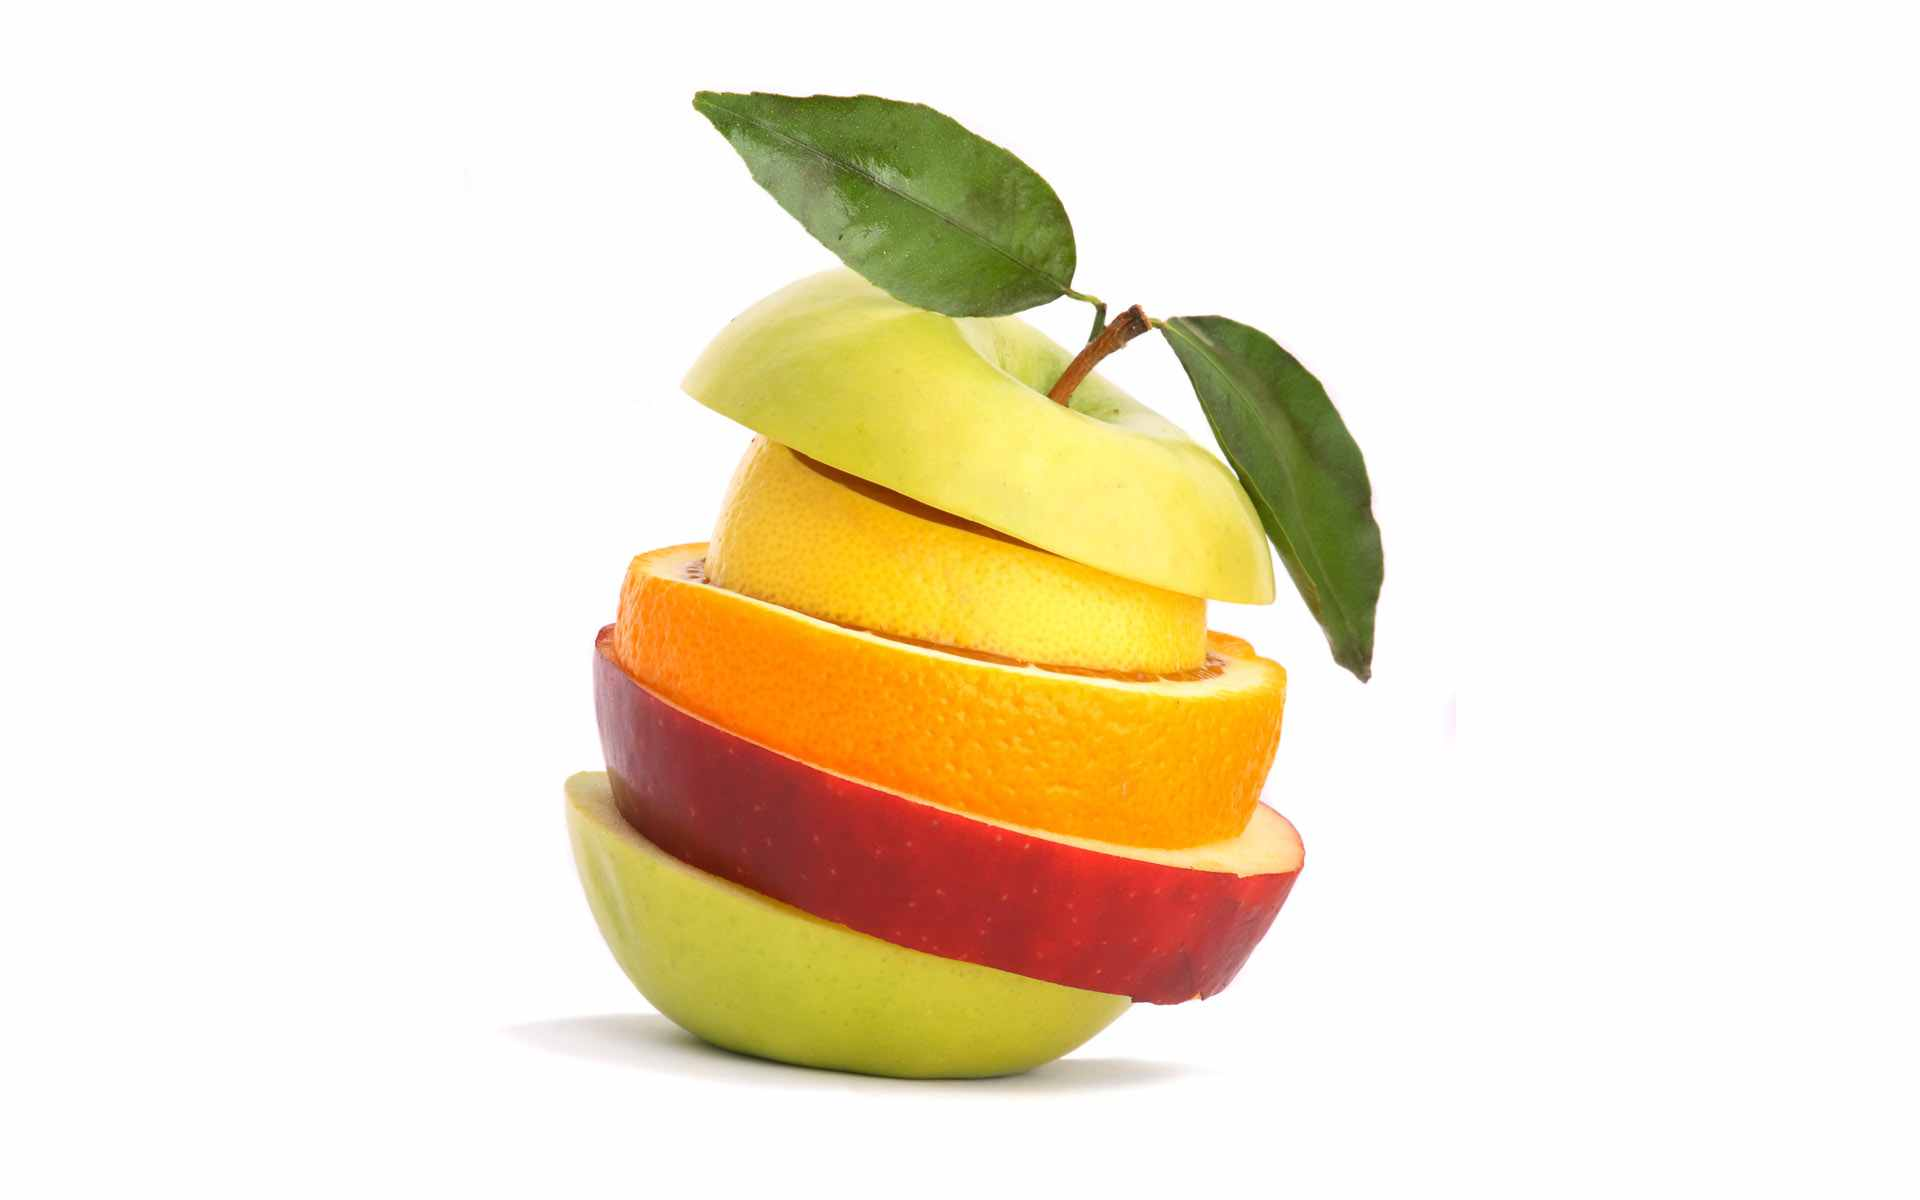 ما هى الفاكهة التى تصيب بالسمنة أو تساعد على التخسيس؟ 3